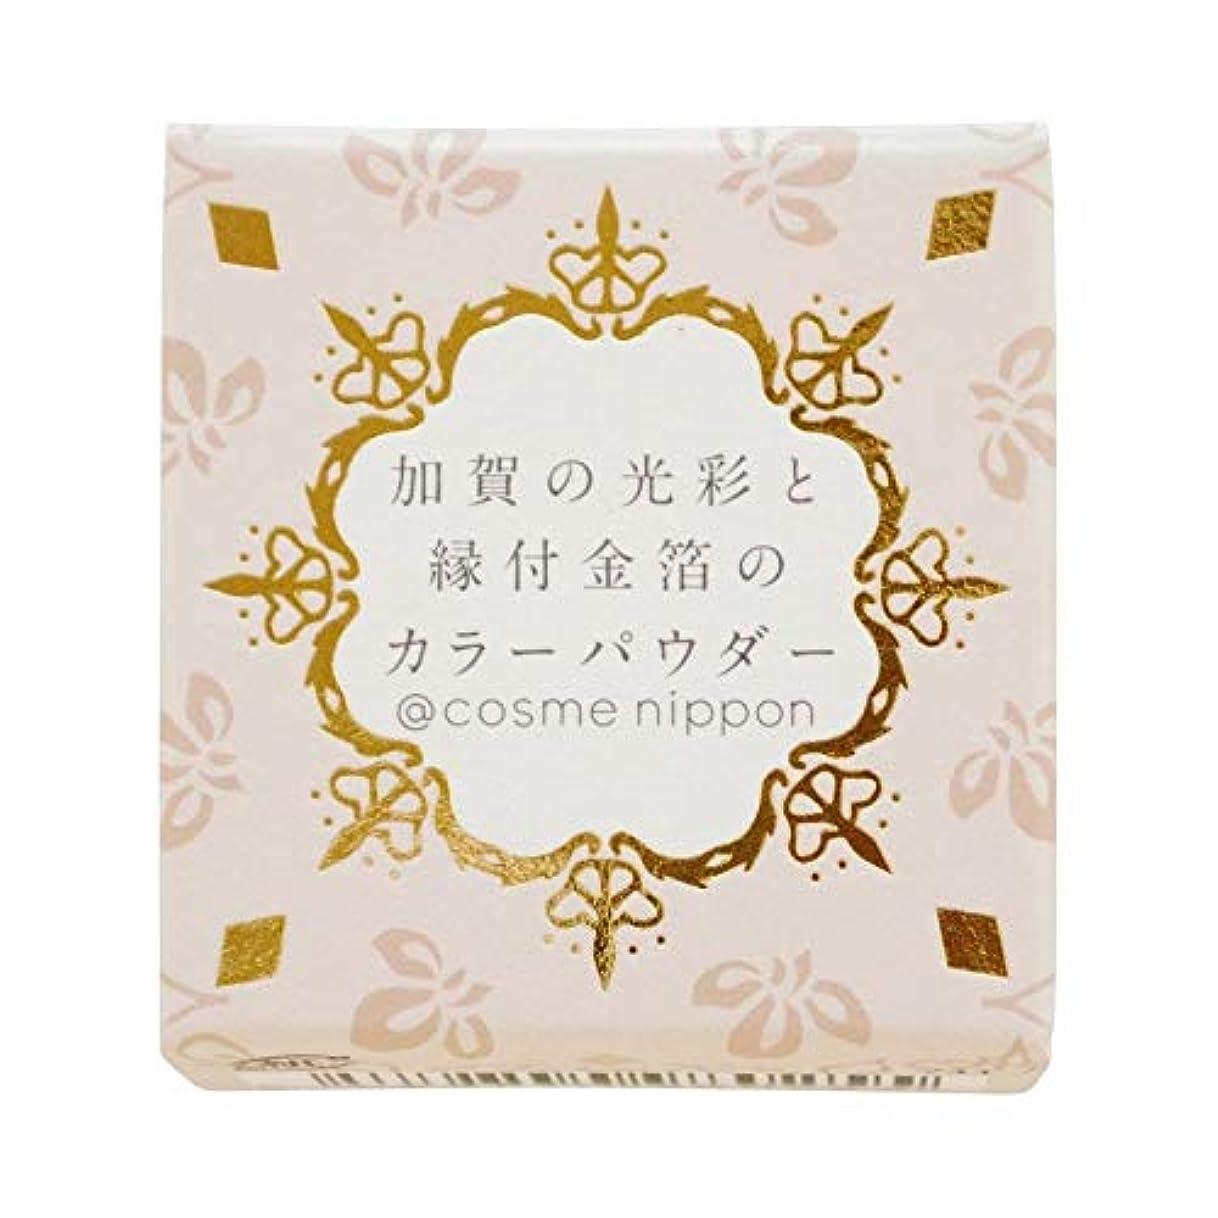 捧げる衣類墓地友禅工芸 すずらん加賀の光彩と縁付け金箔のカラーパウダー01金色こんじき